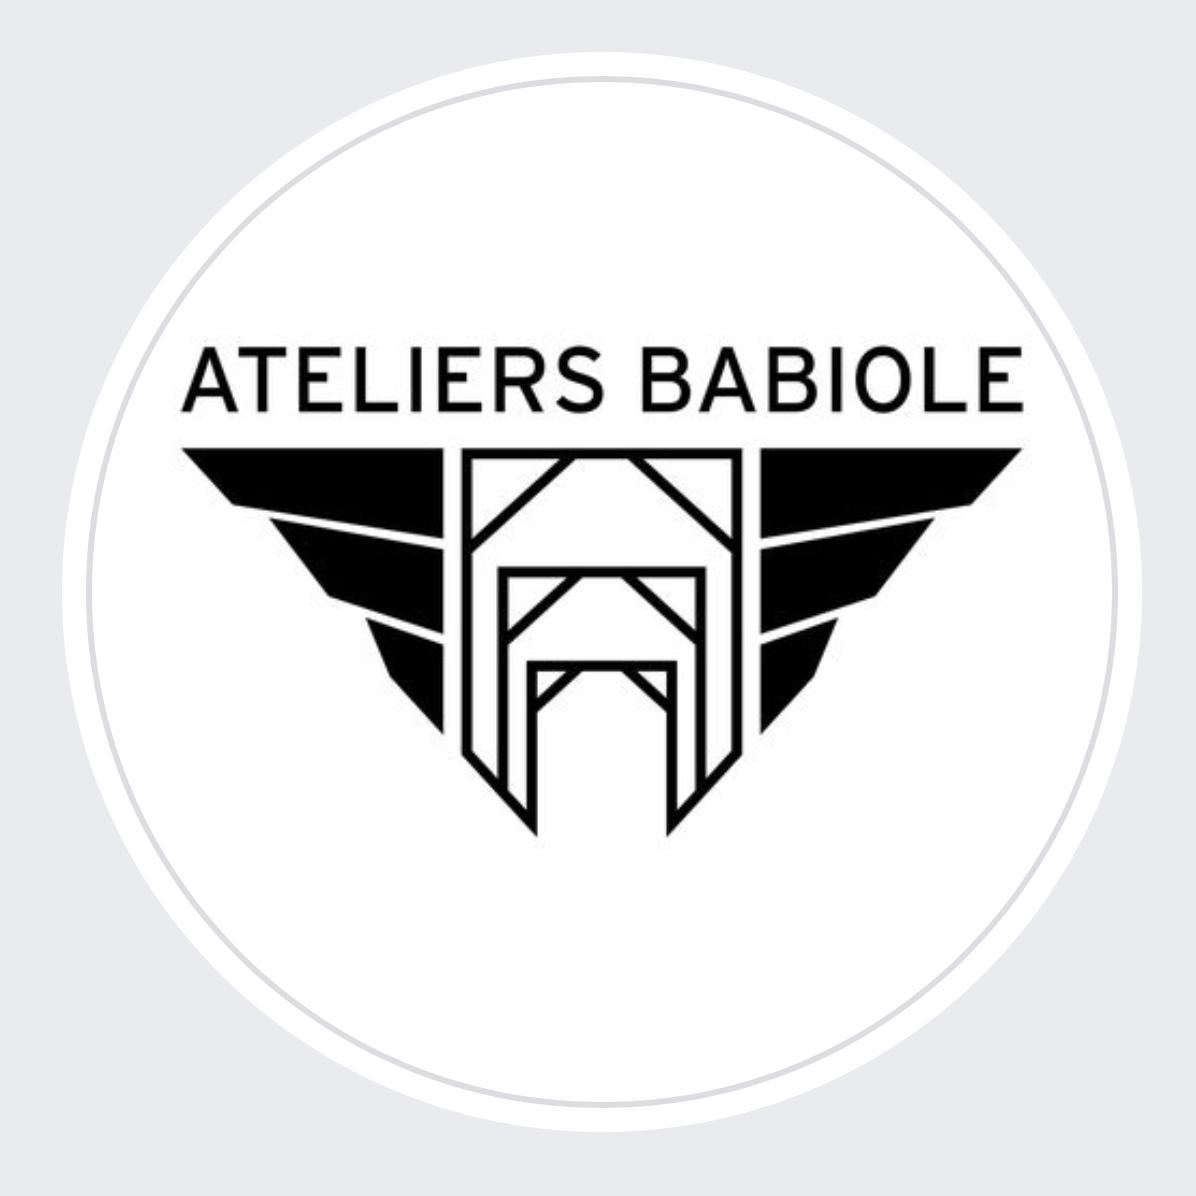 Ateliers Babiole